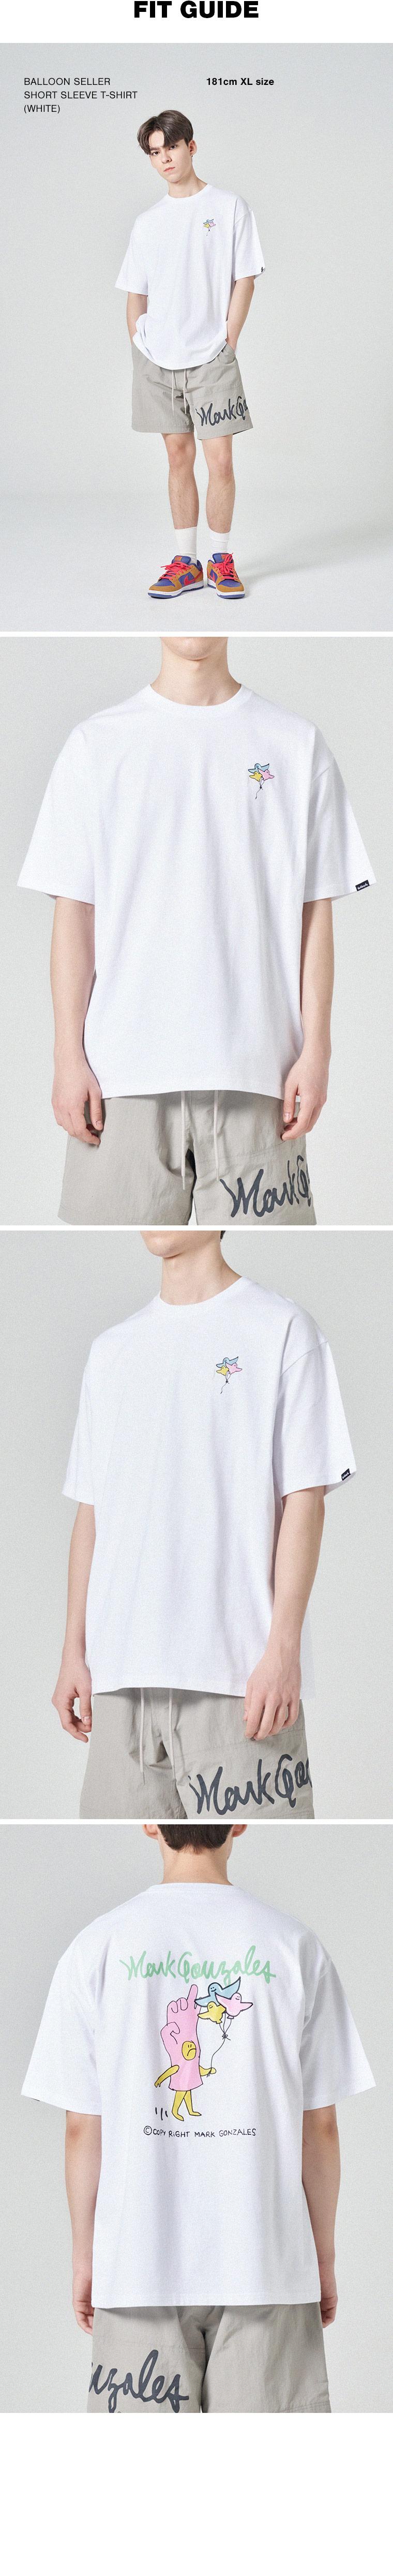 마크 곤잘레스(MARK GONZALES) 벌룬셀러 반팔 티셔츠 화이트